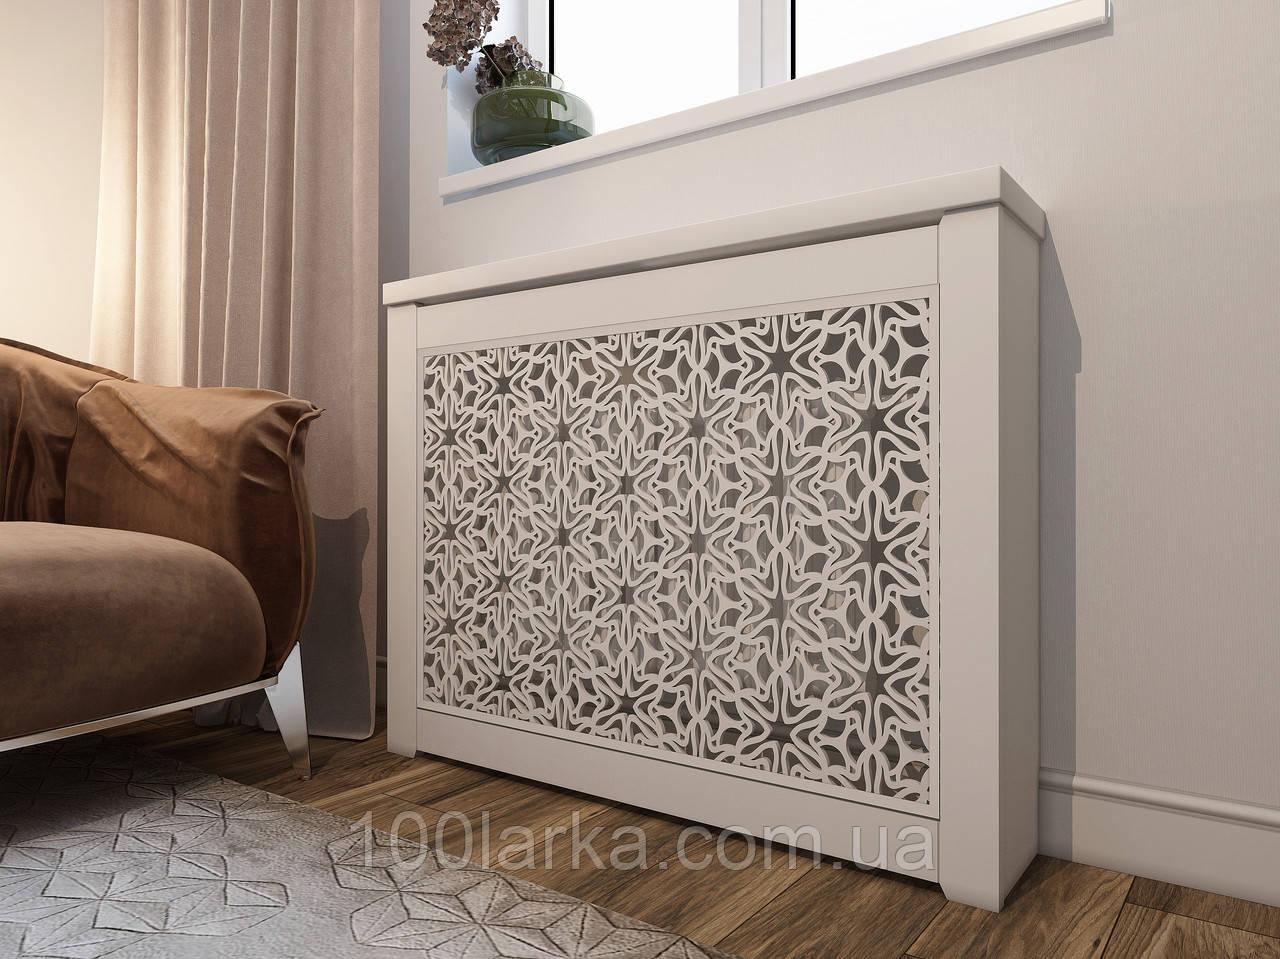 Декоративна решітка екран (короб) панель на батарею опалення R103-K60